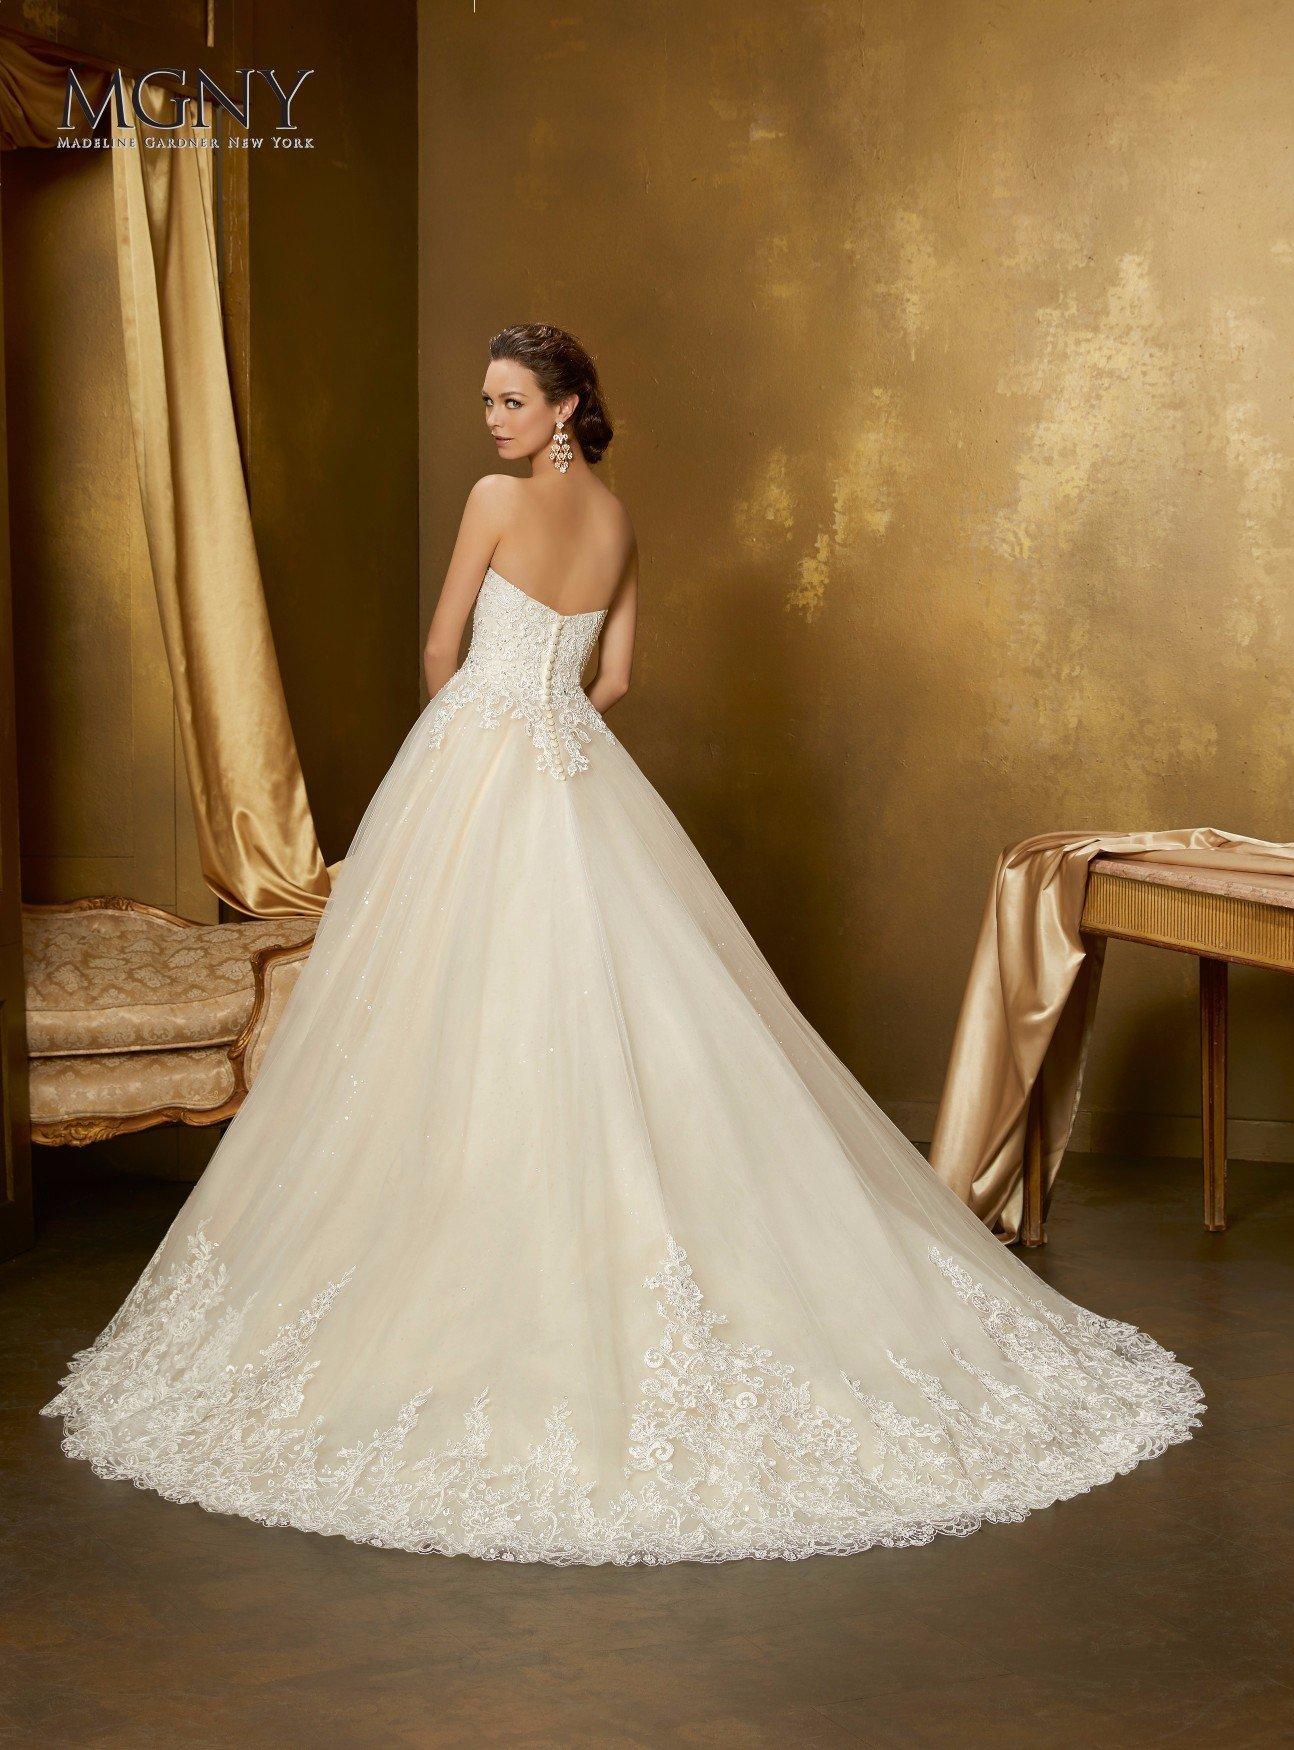 Sposa mostra di spalle il suo abito bianco